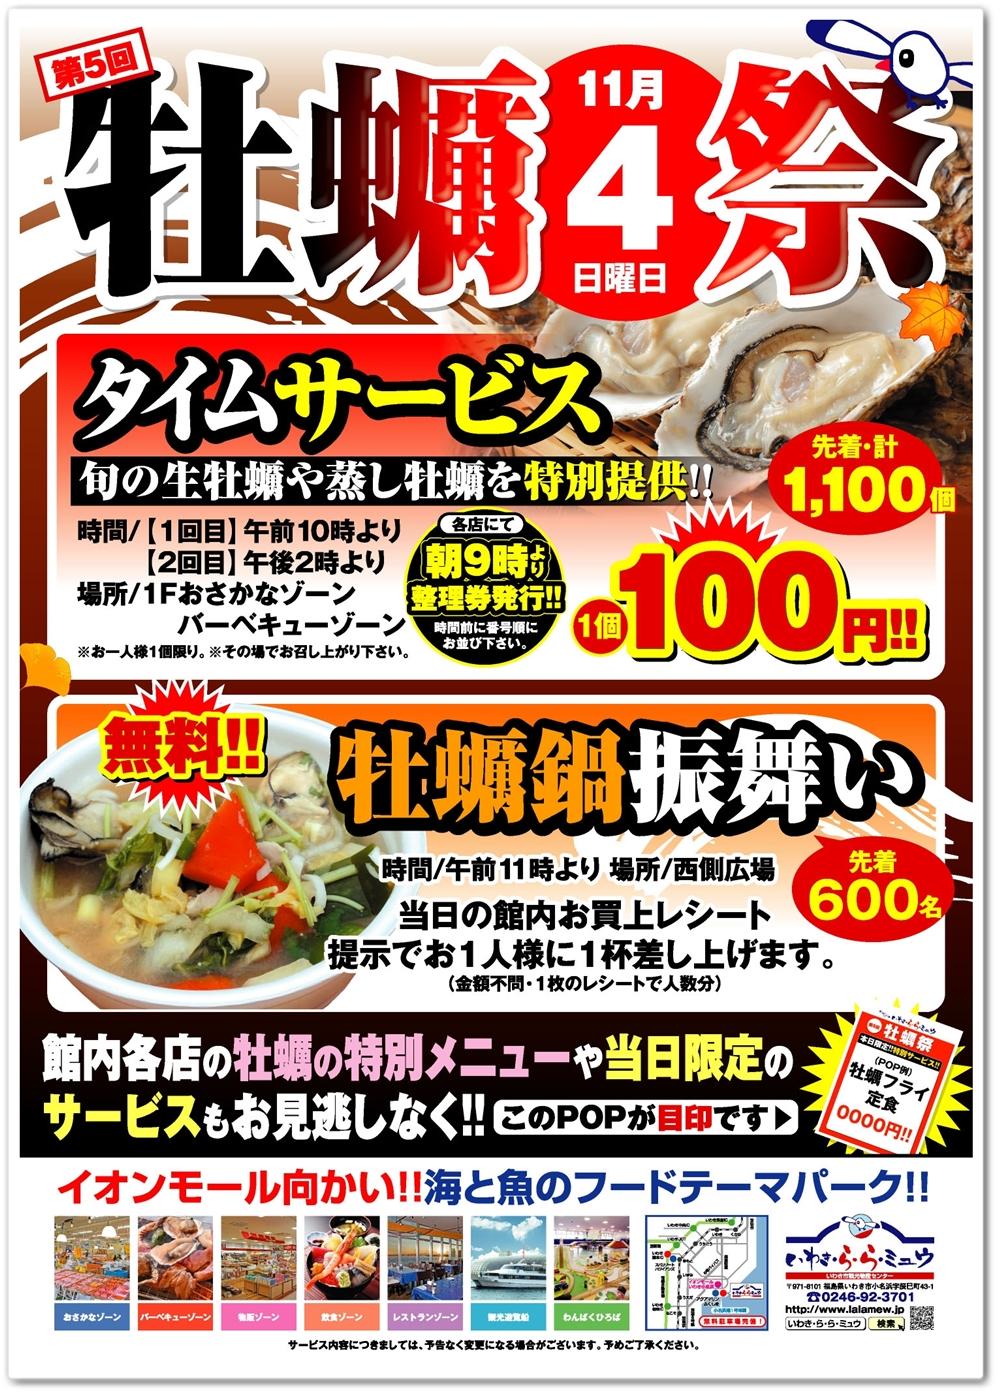 いわき・ら・ら・ミュウ 平成30年11月イベント情報! [平成30年11月2日(金)更新]1